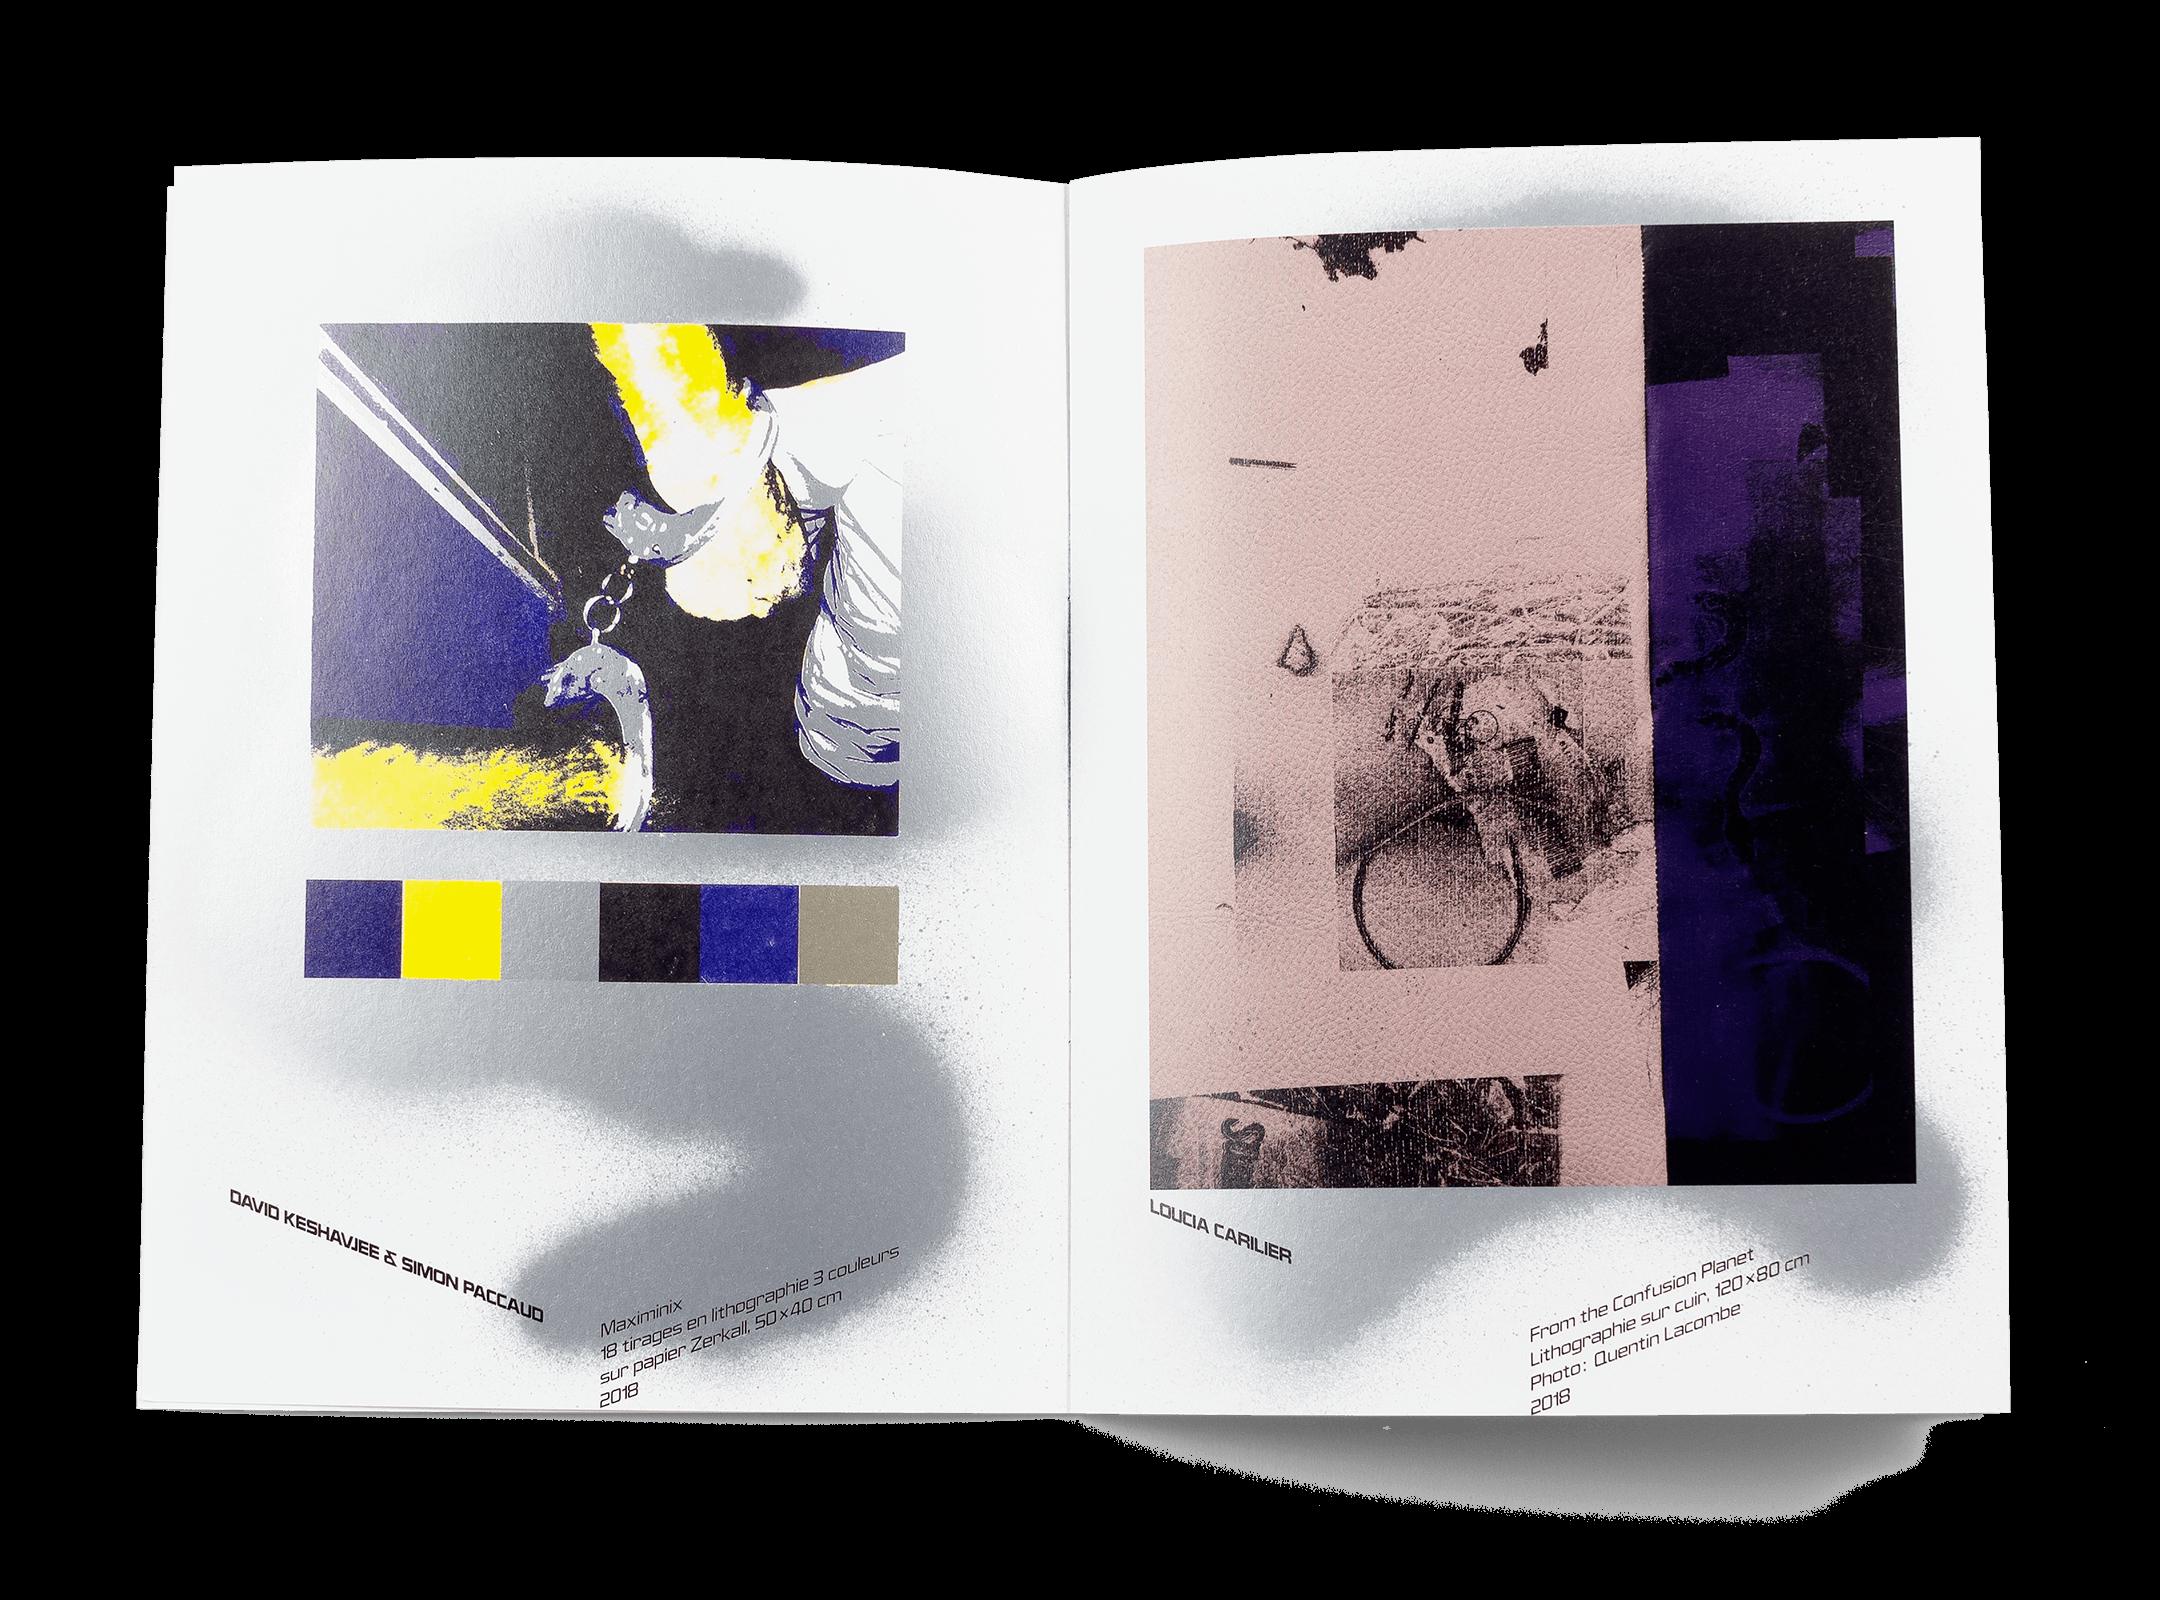 Œuvres de David Keshavjee et Loucia Carlier dans la brochure de l'exposition de Simon Paccaud à la Ferme de la Chapelle